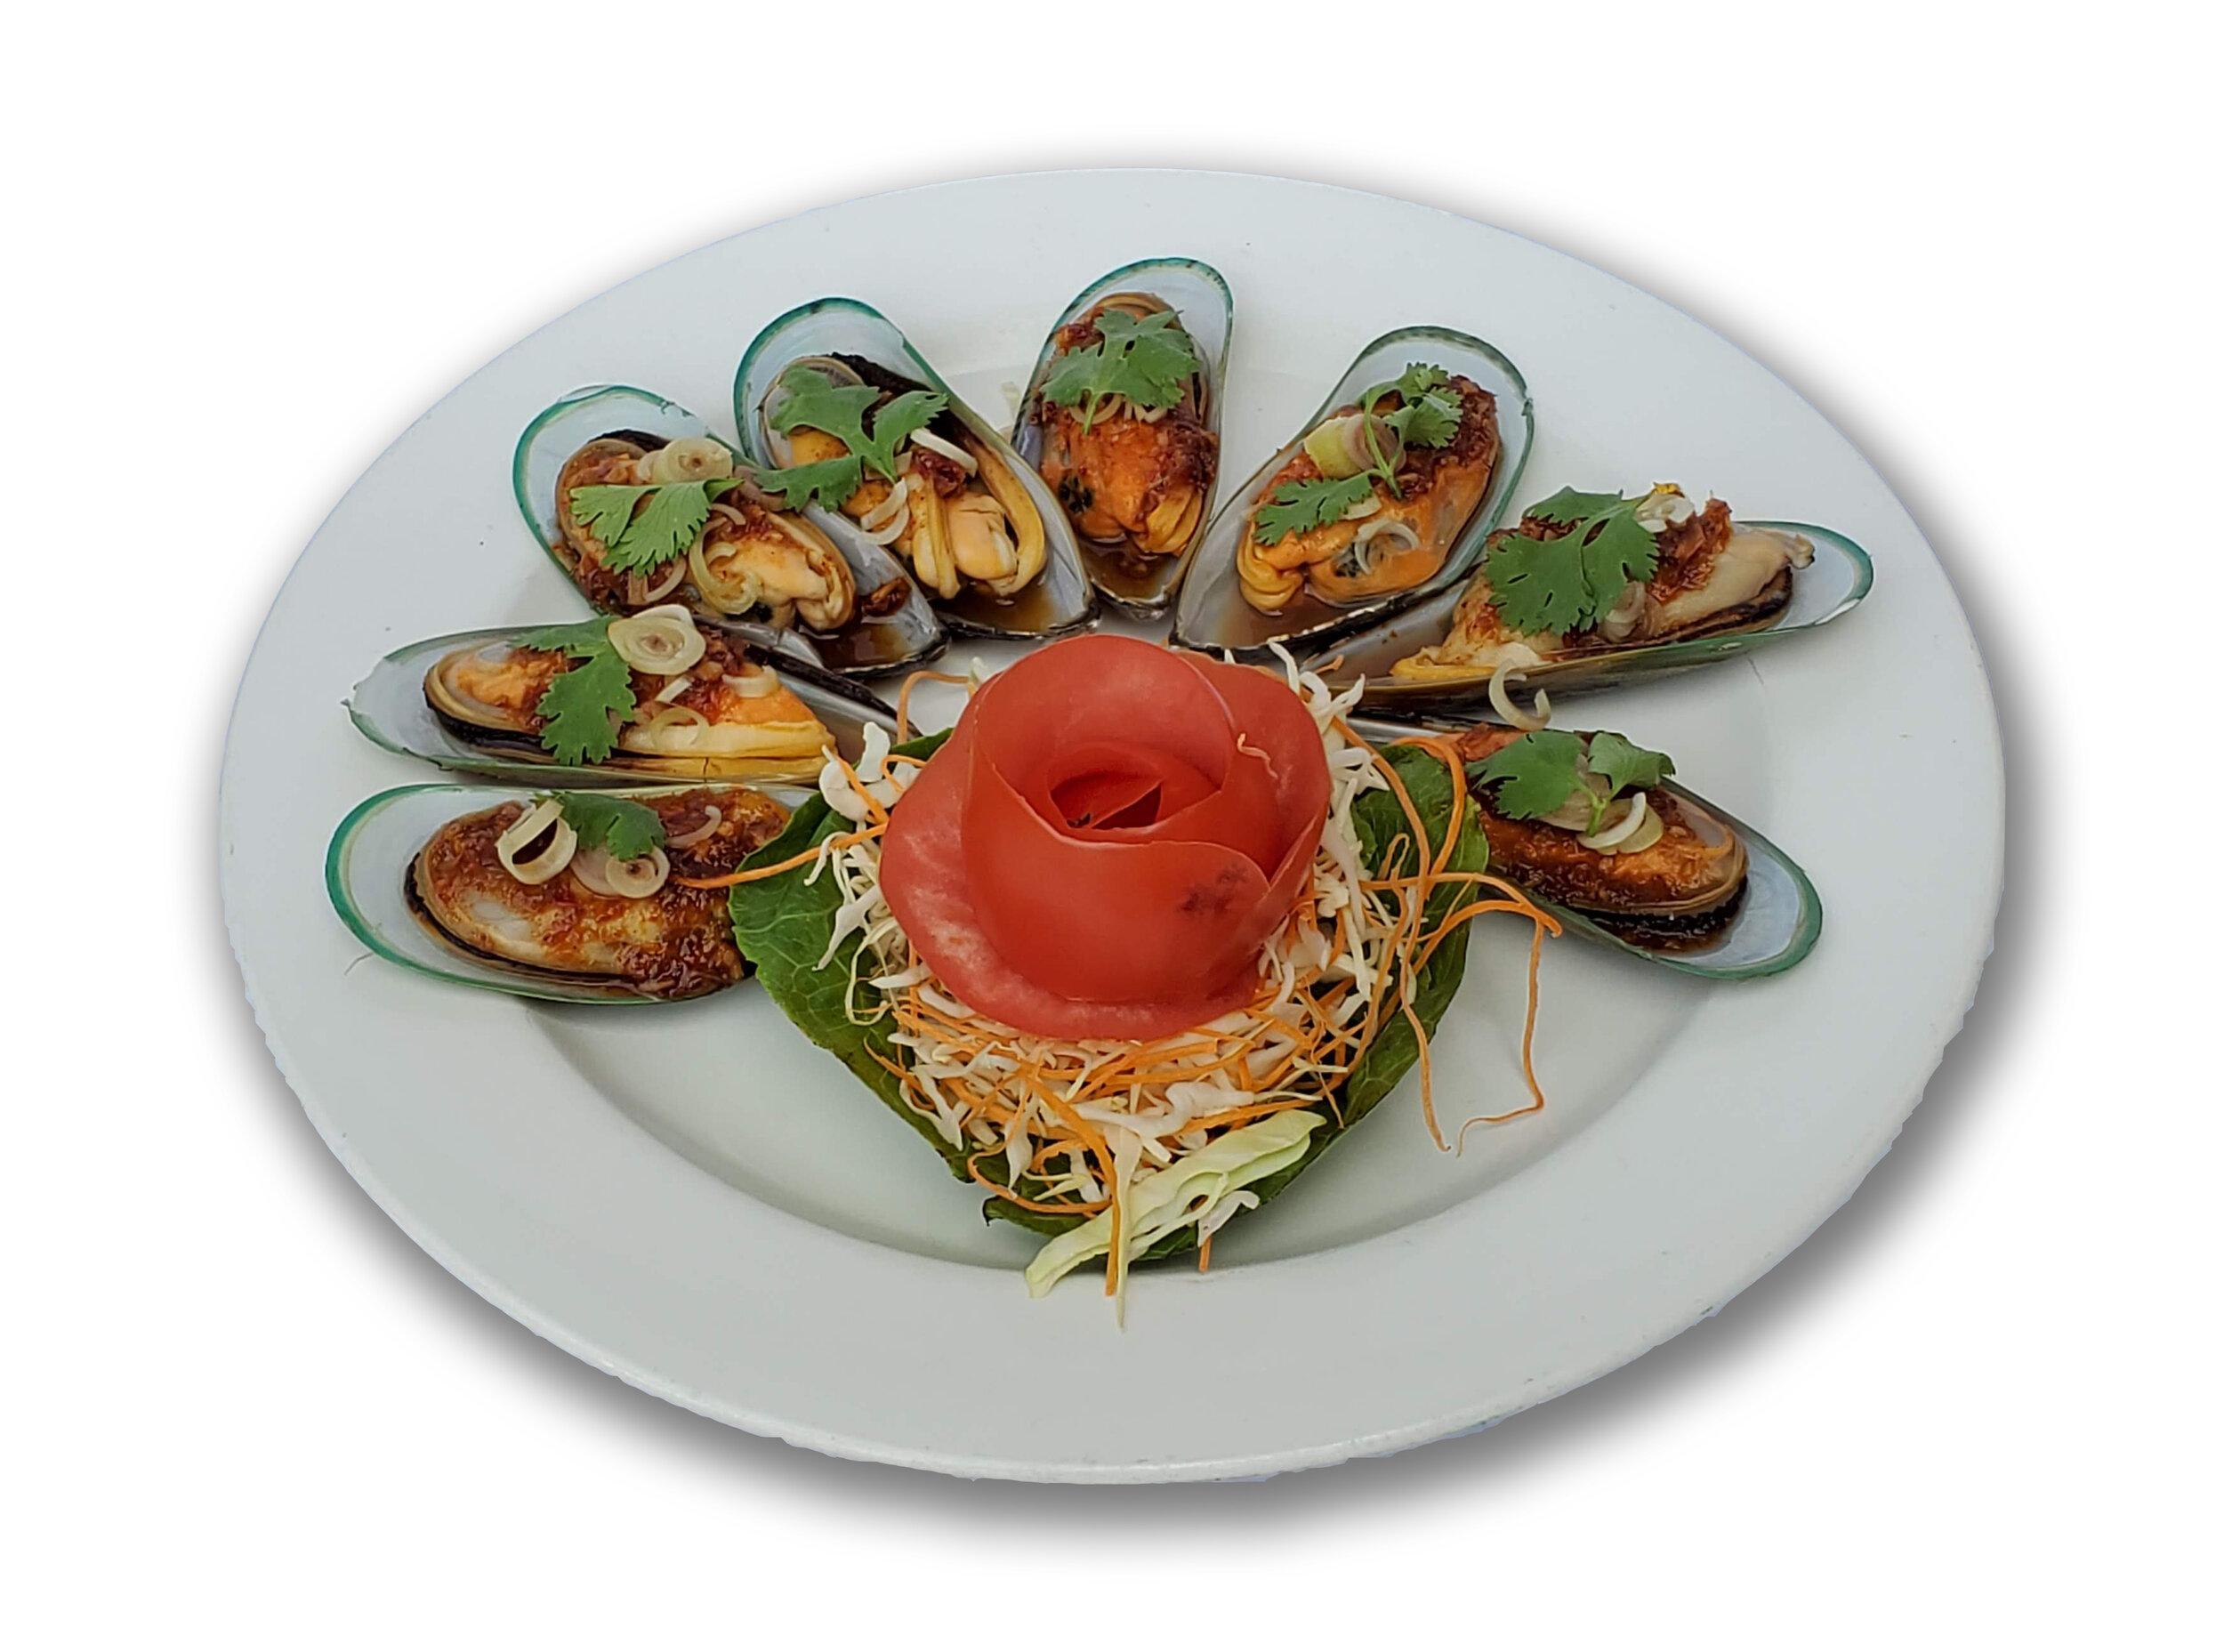 หอยแมงภู่ copy.jpg